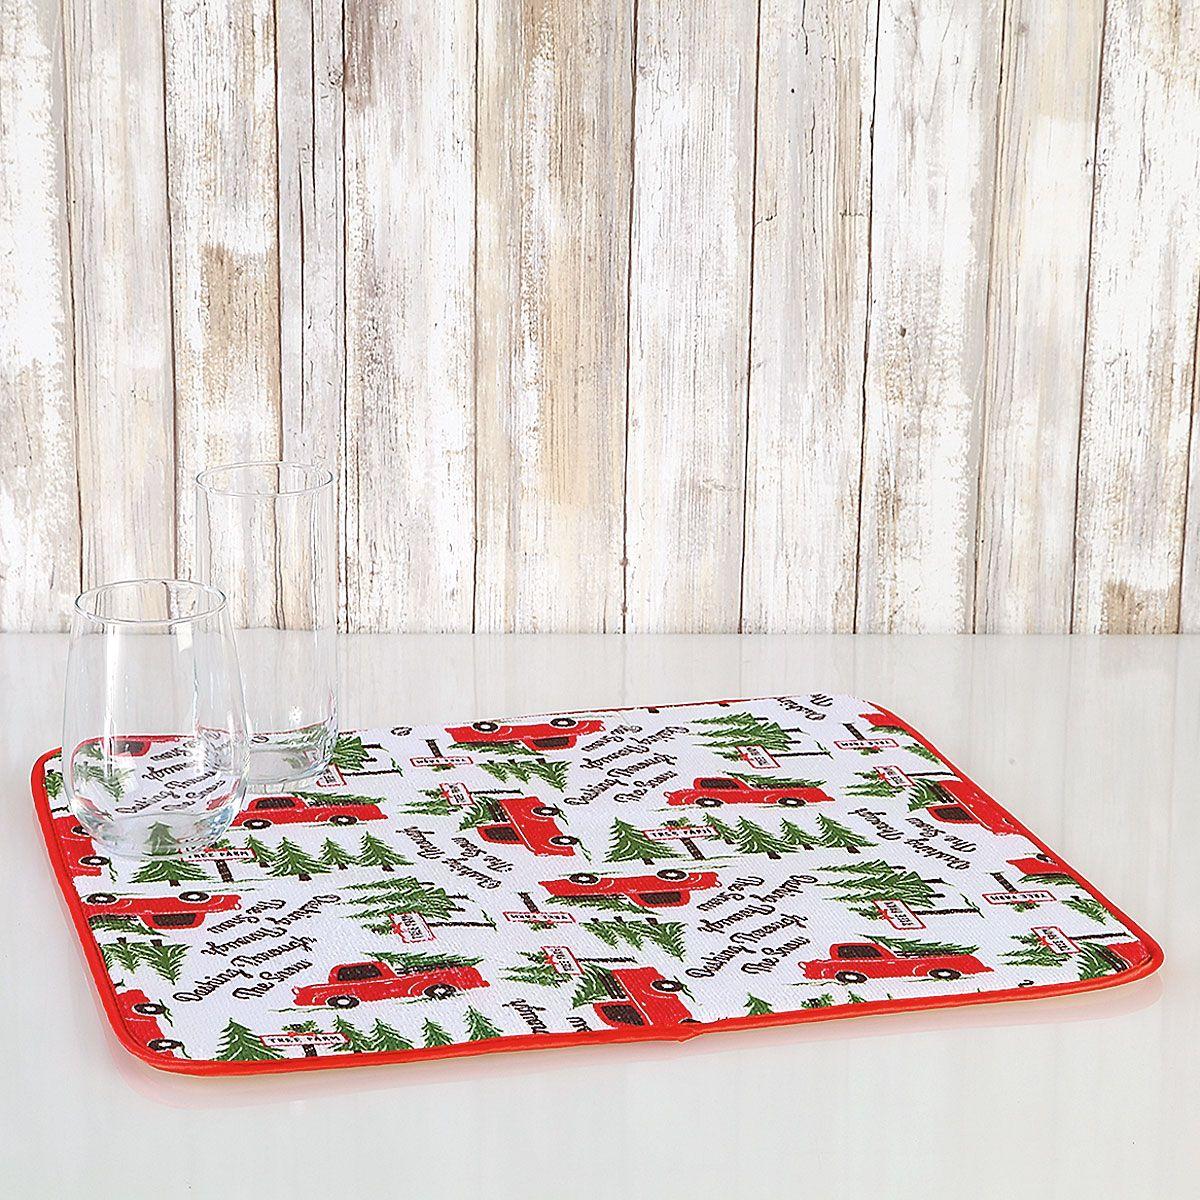 Christmas Microfiber Drying Mats